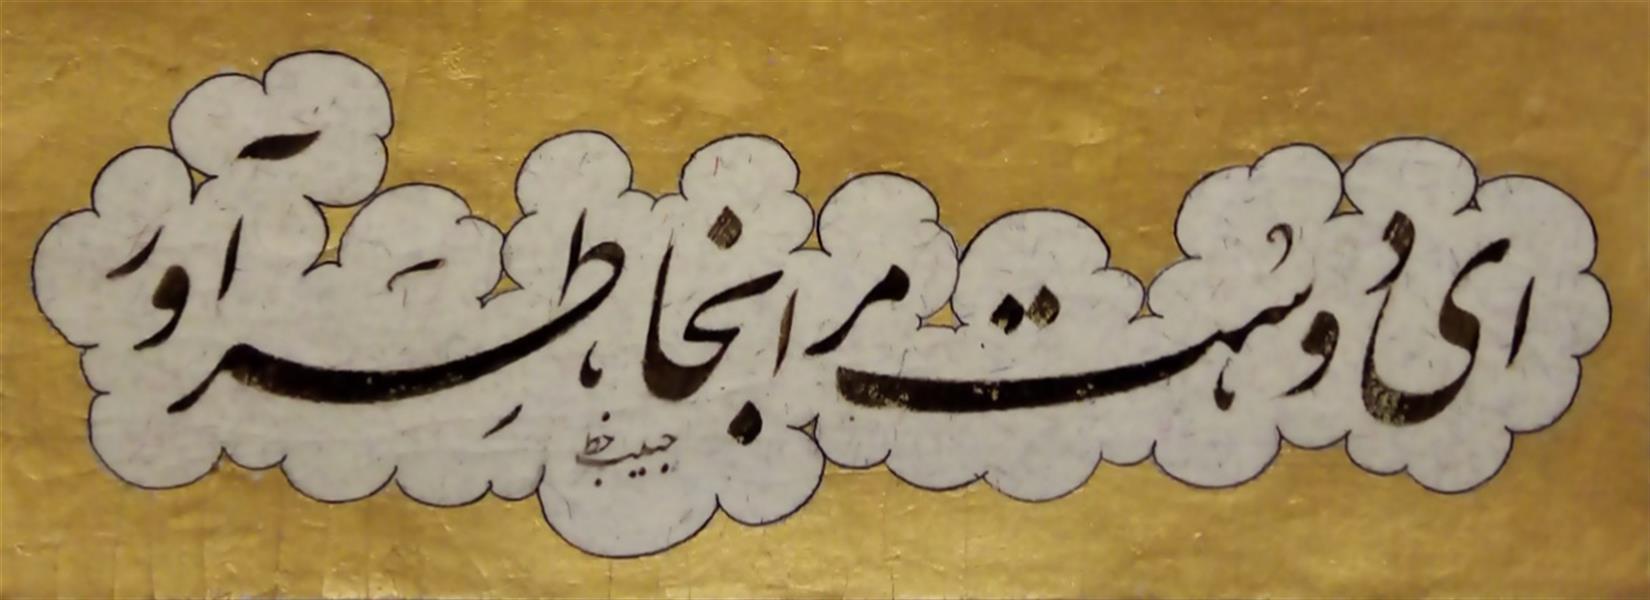 هنر خوشنویسی محفل خوشنویسی (Hghgallery(Habib Ghanbari ای دوست مرا ب خاطر آور خوشنویسی حبیب قنبری 1399 اجرا با قلم 7 میلیمتر و مرکب ترکیبی